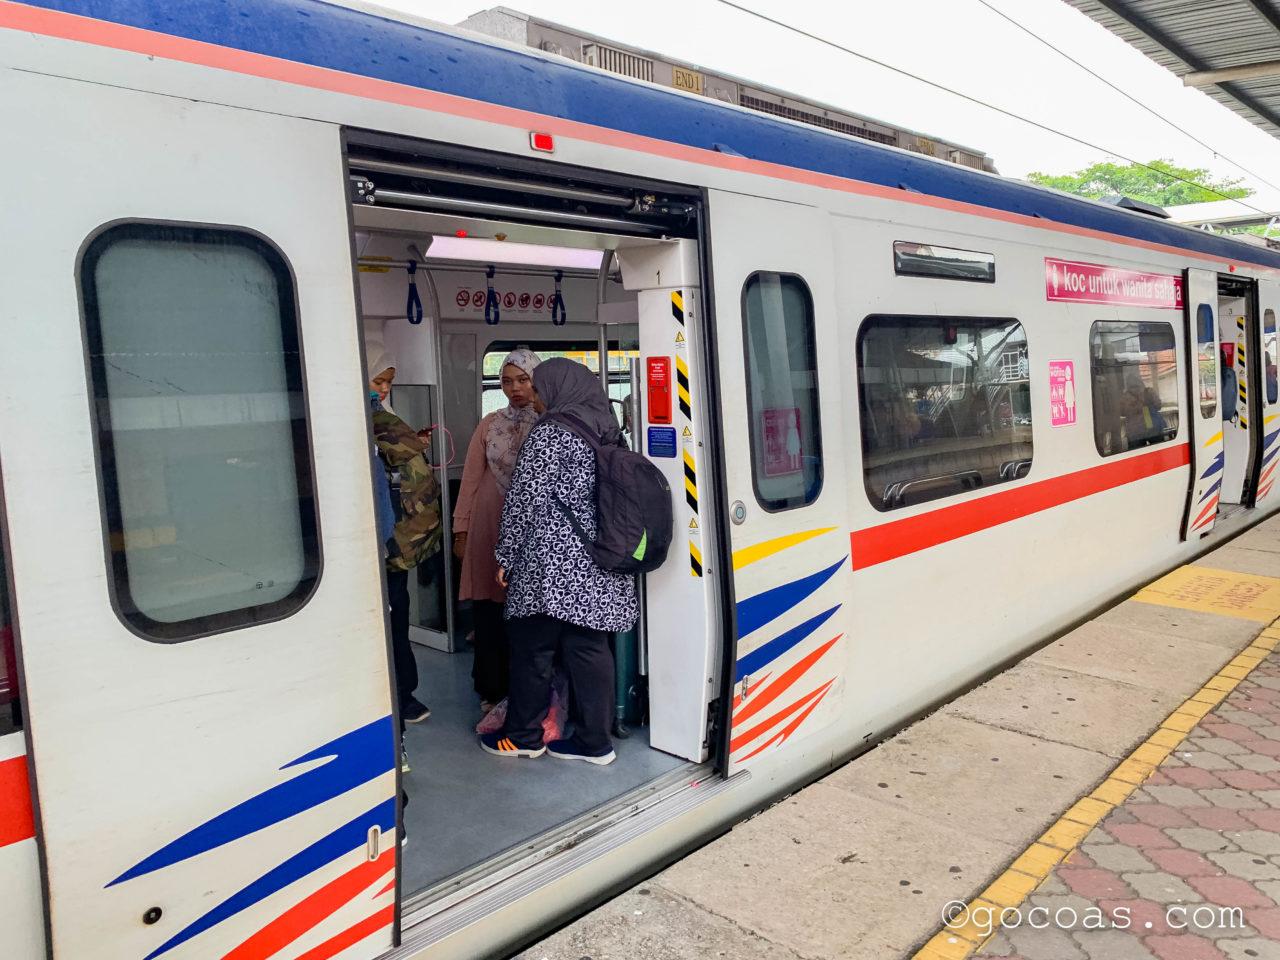 クアラルンプールで見た電車の女性専用車両